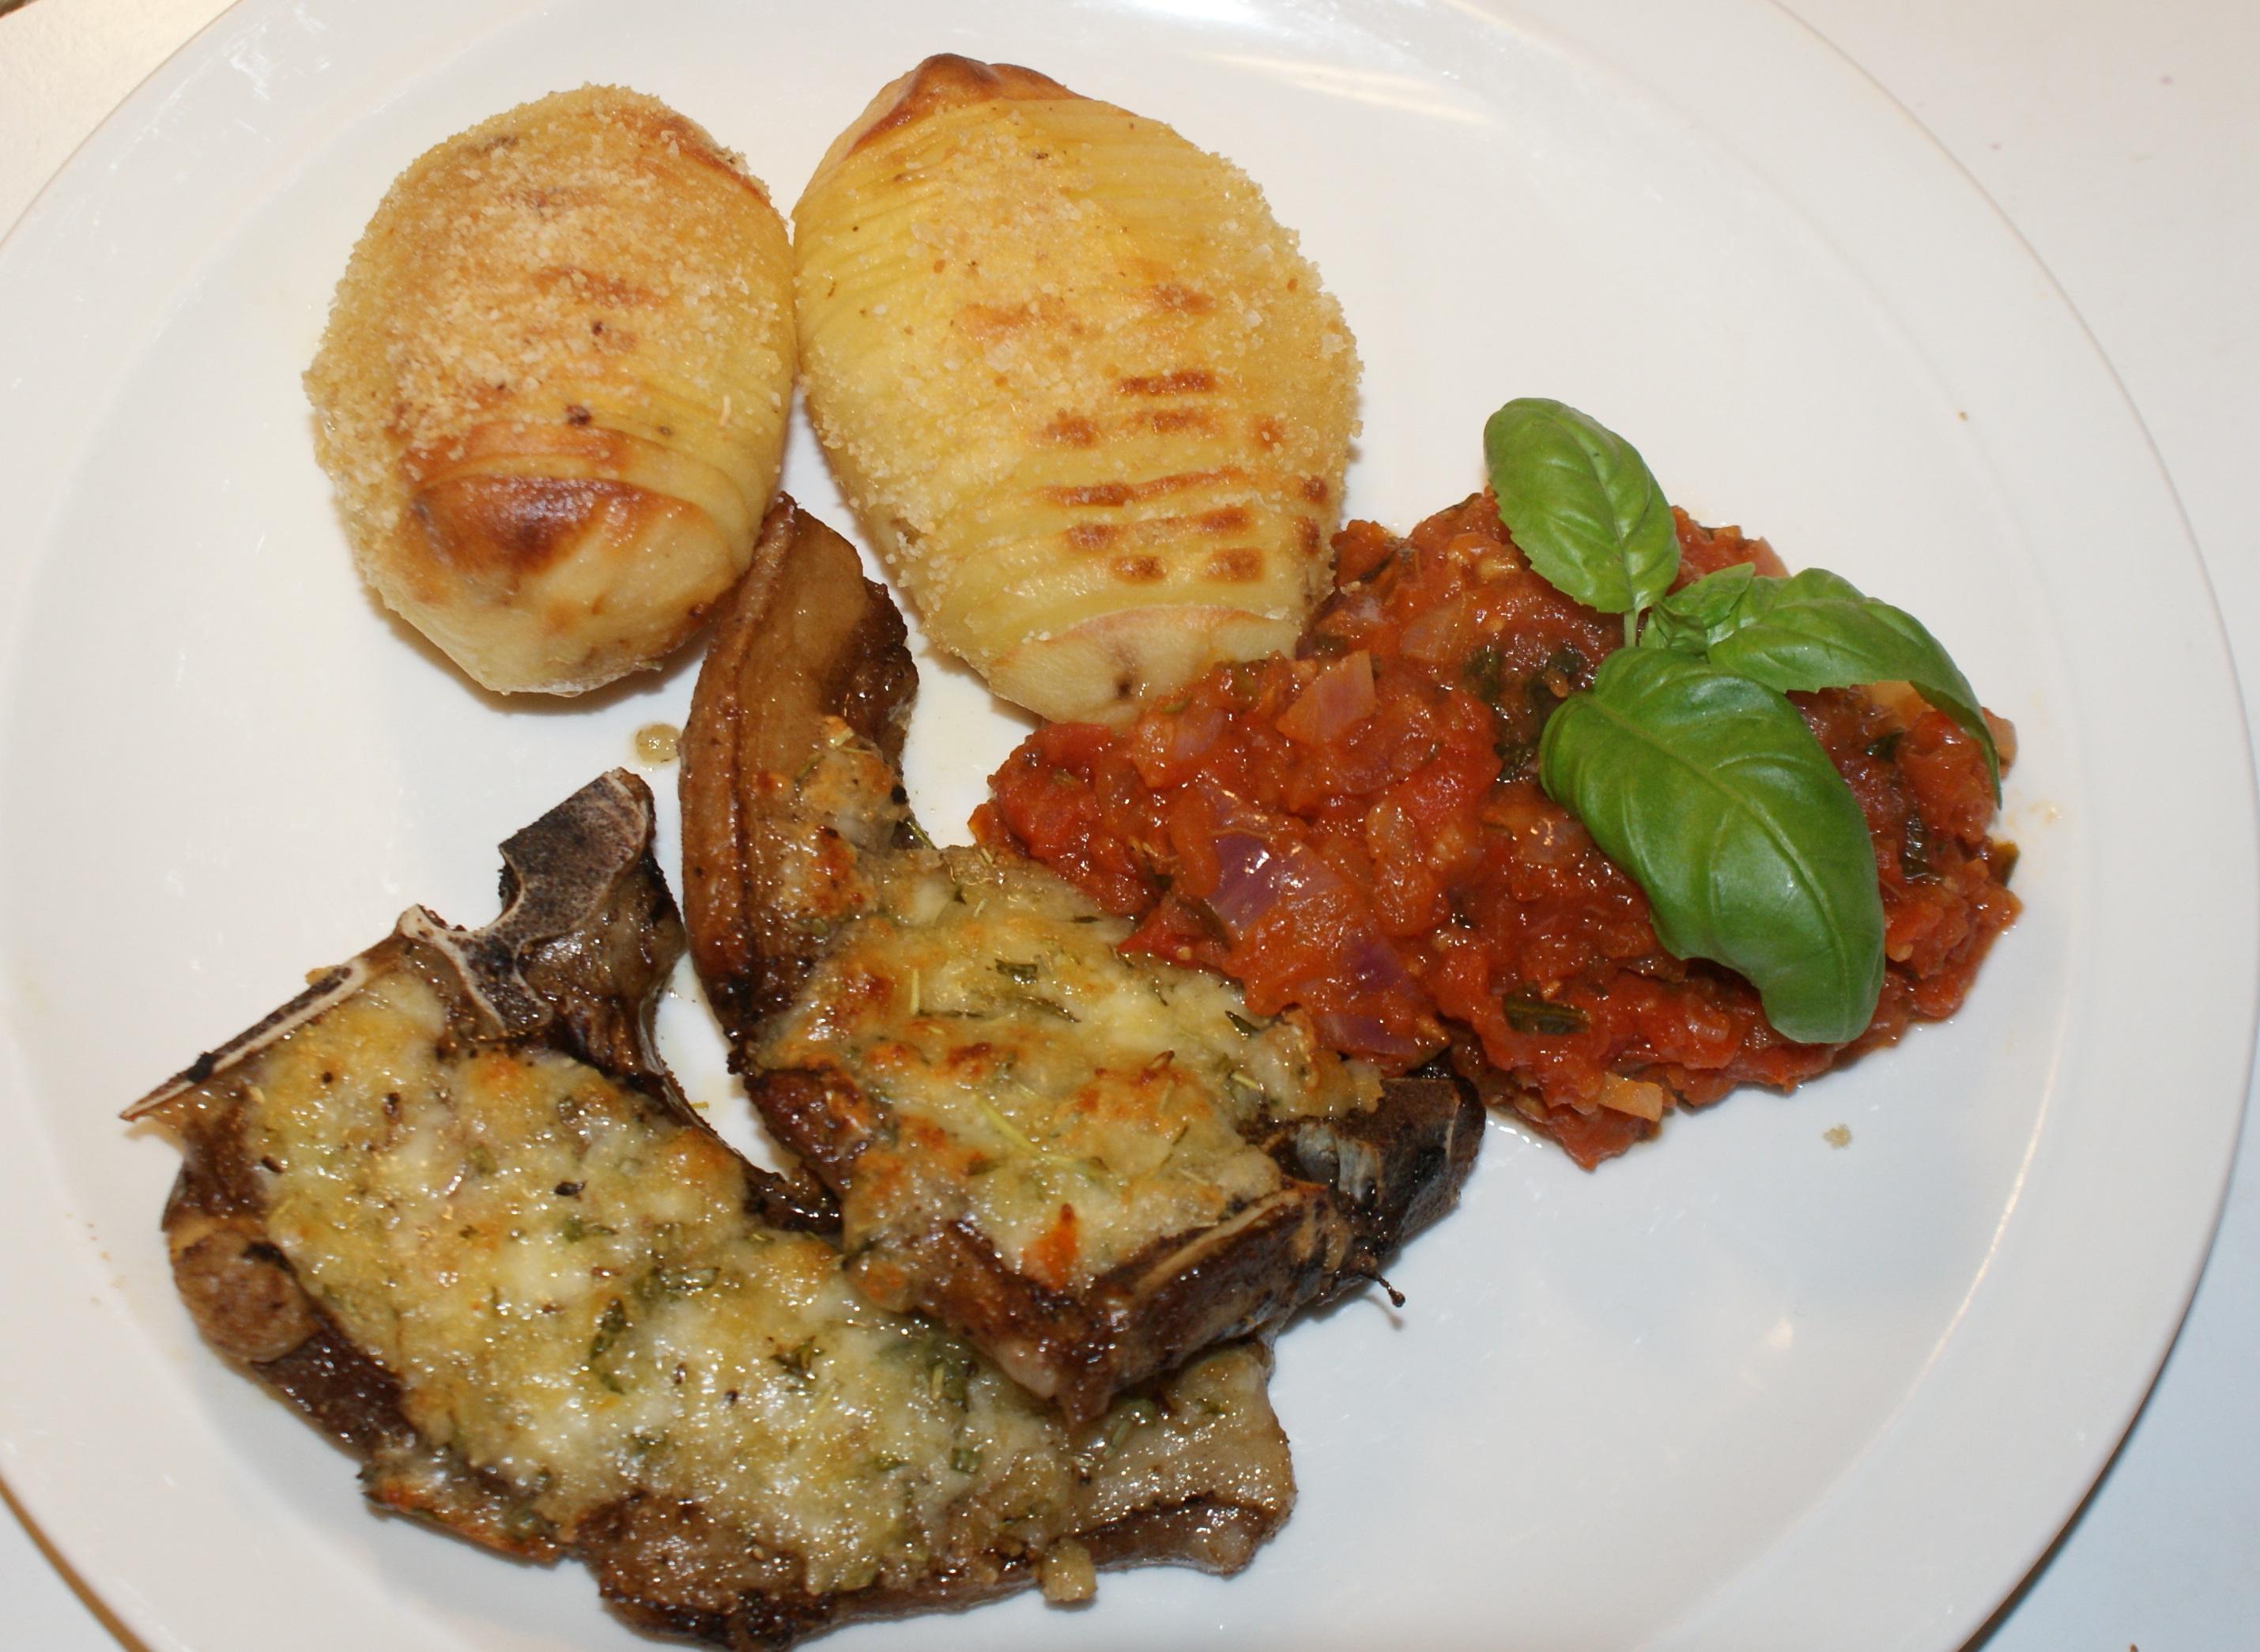 Gratinerade rådjurskotletter med tomatröra och hasselbackspotatis.